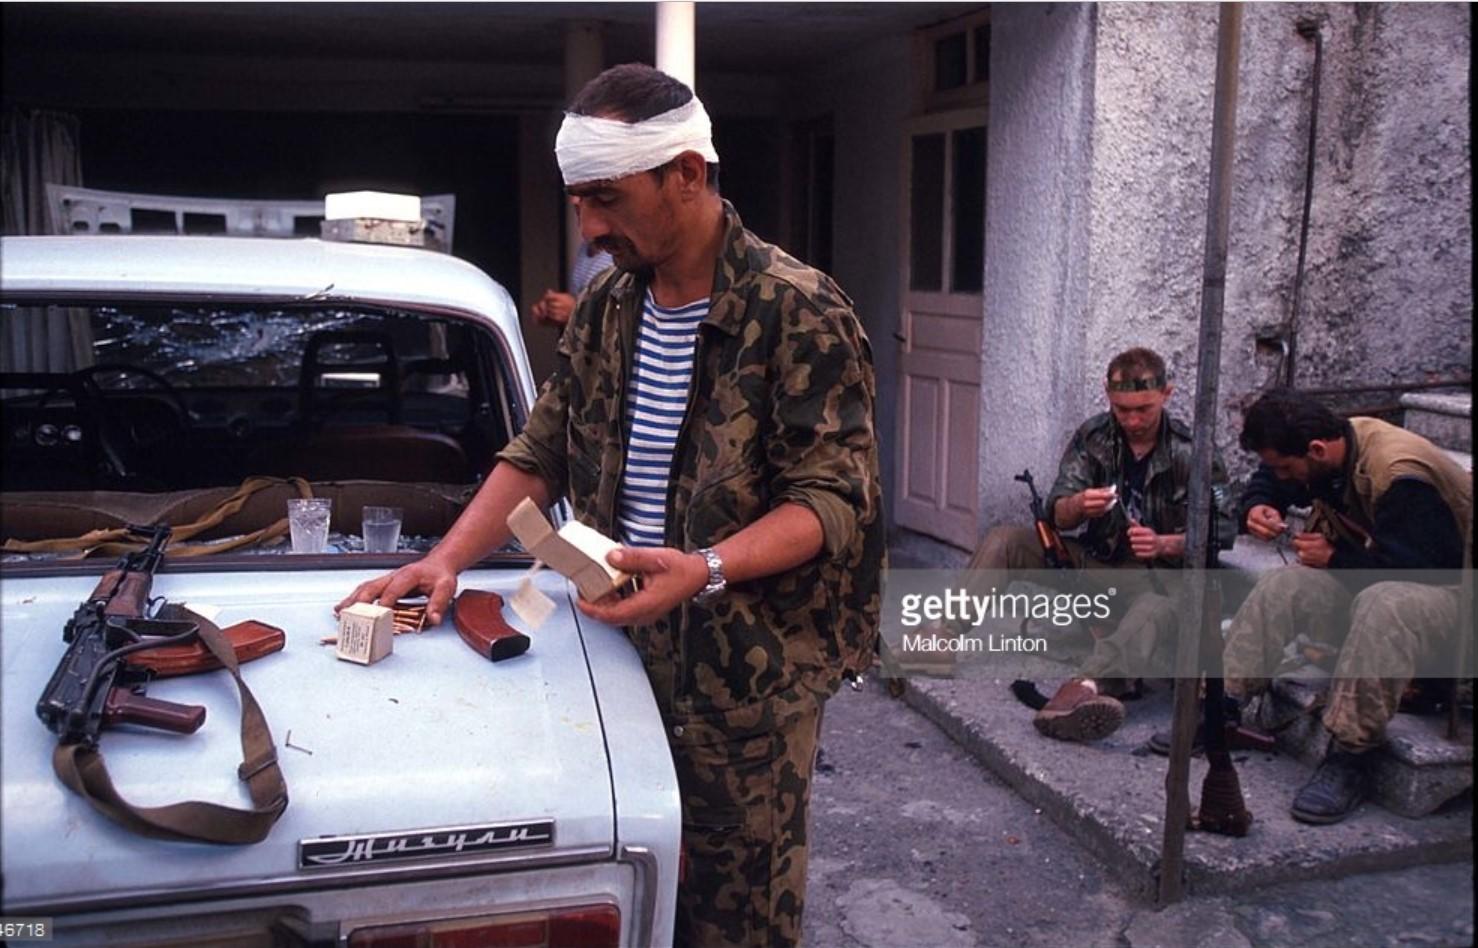 1993. 29 сентября. Сухуми. Солдат проверяет свои боеприпасы